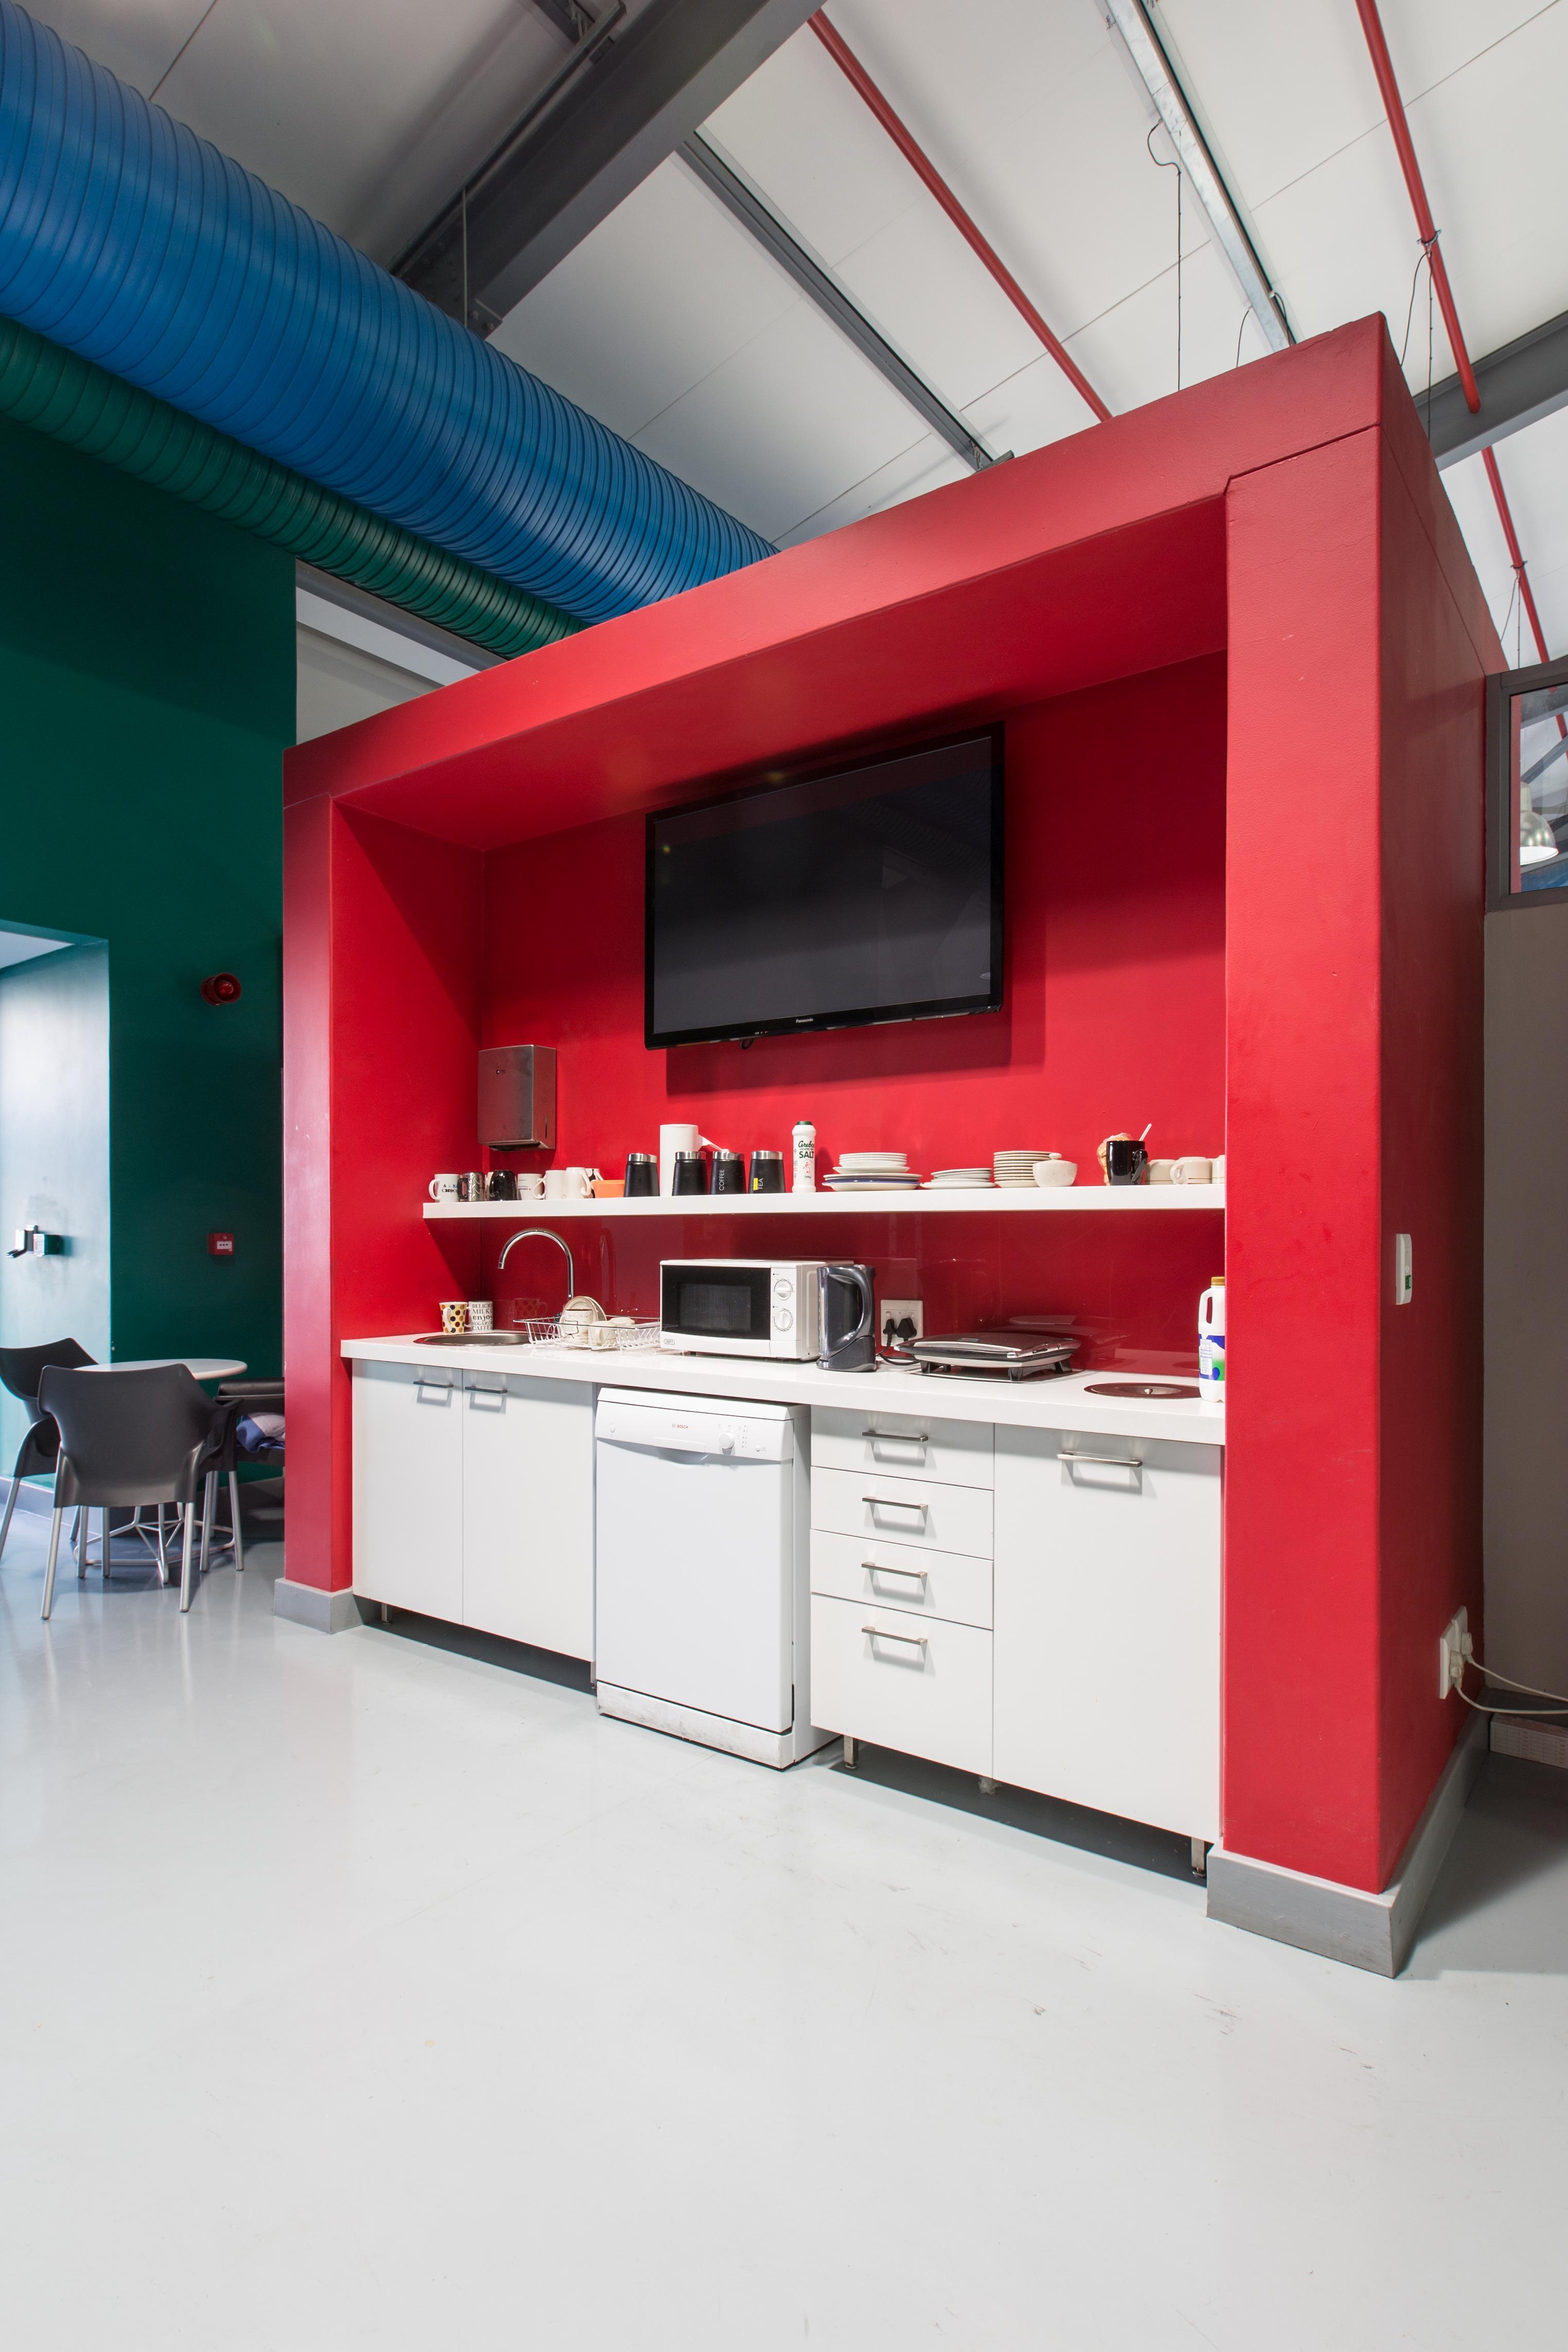 Kansai Plascon NPDC Lab 1